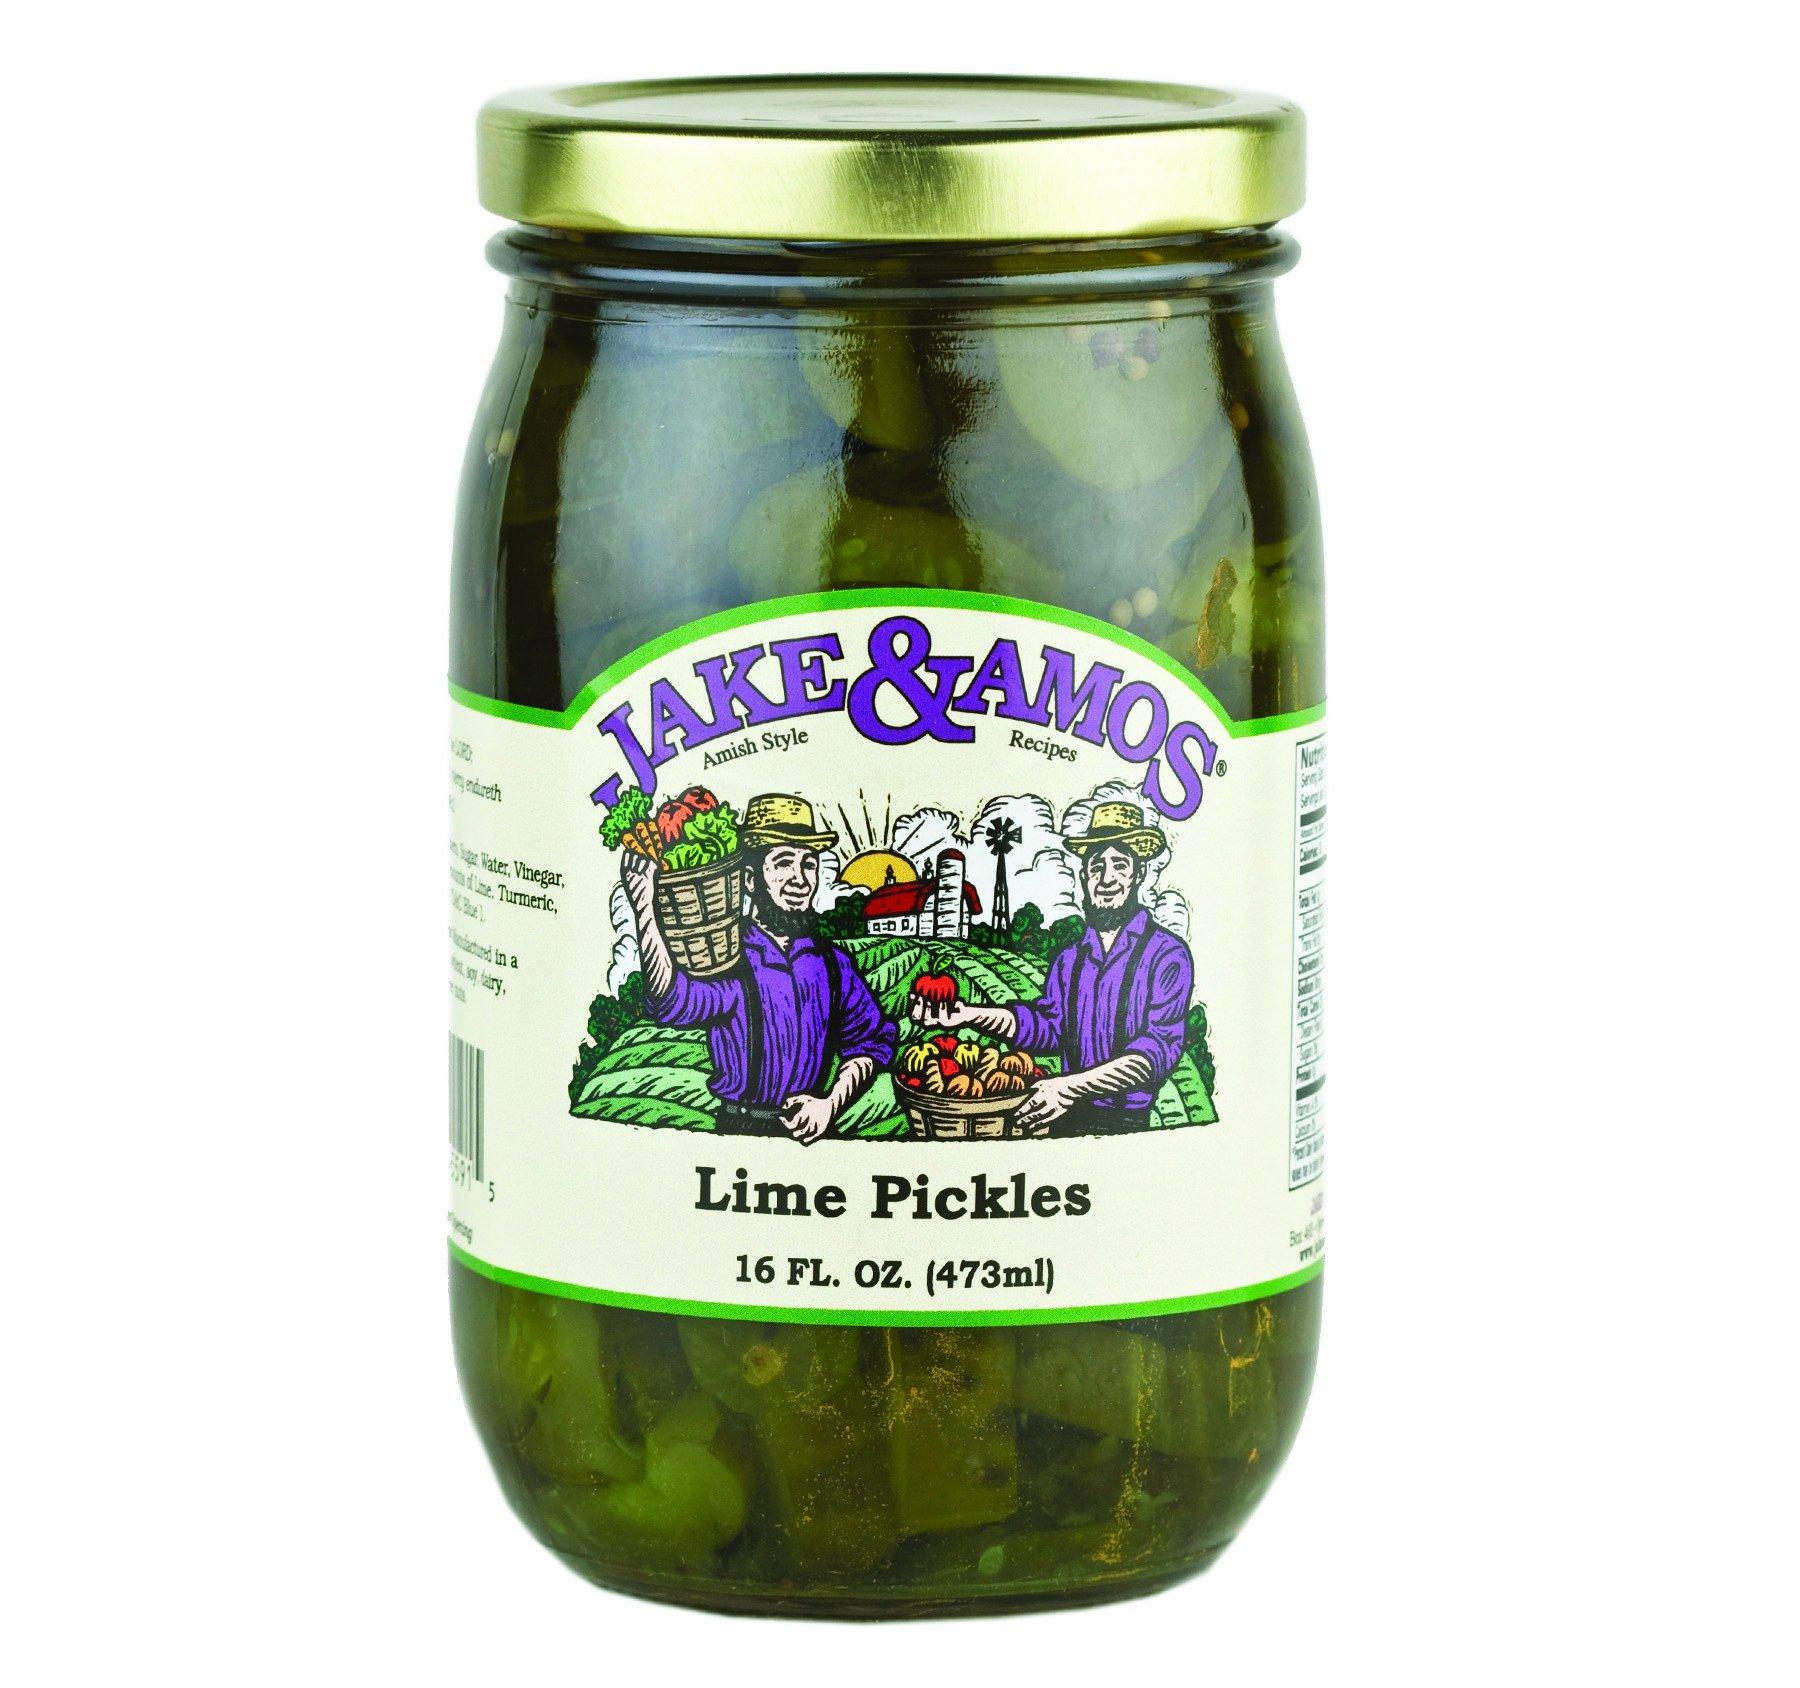 Jake & Amos Lime Pickles 16 Oz. (3 Jars) by Jake & Amos